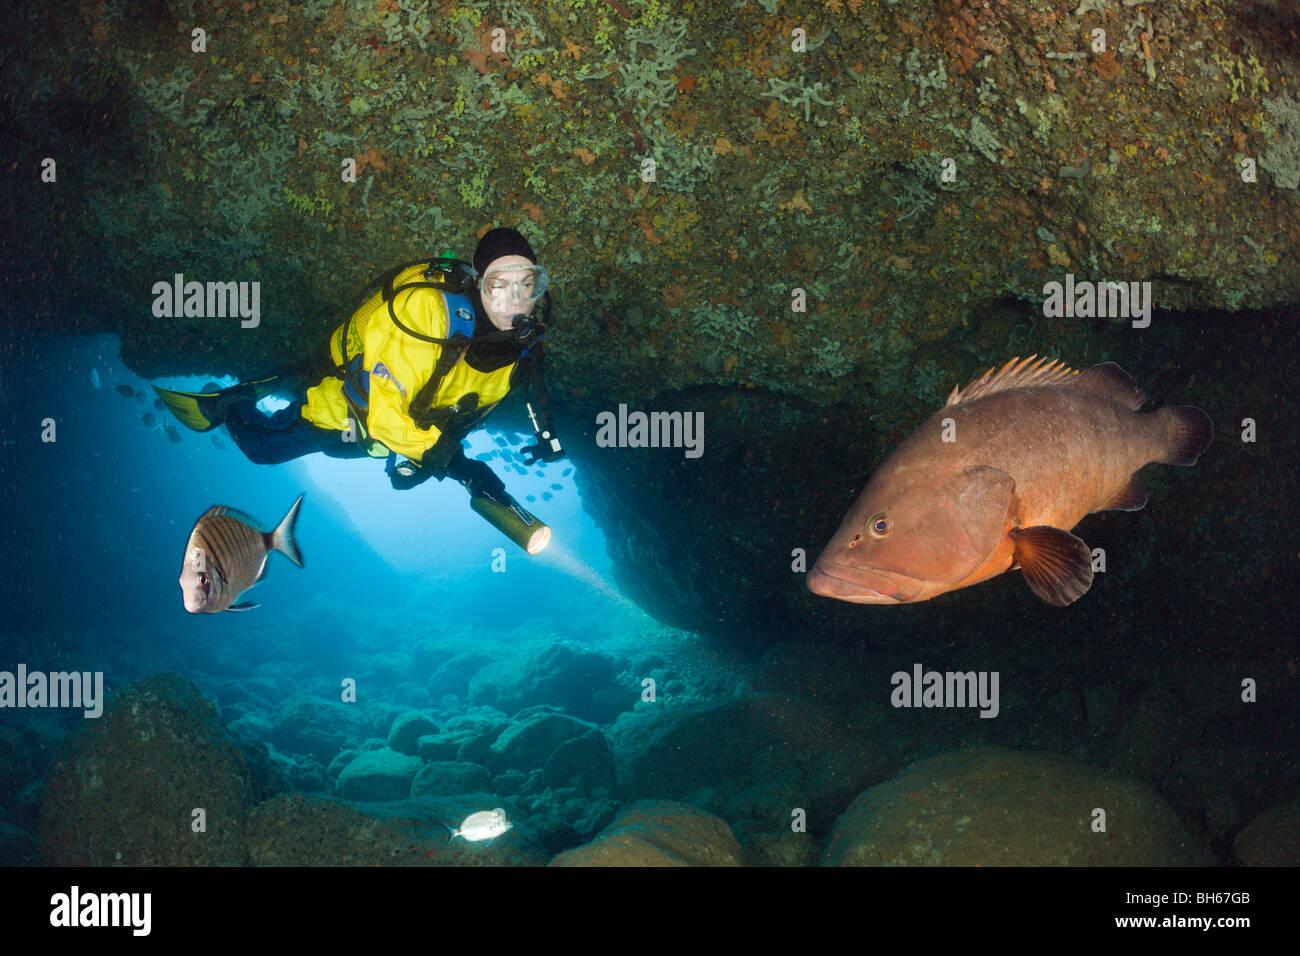 Scuba Diver and Dusky Grouper in Cave, Epinephelus marginatus, Dofi North, Medes Islands, Costa Brava, Mediterranean - Stock Image